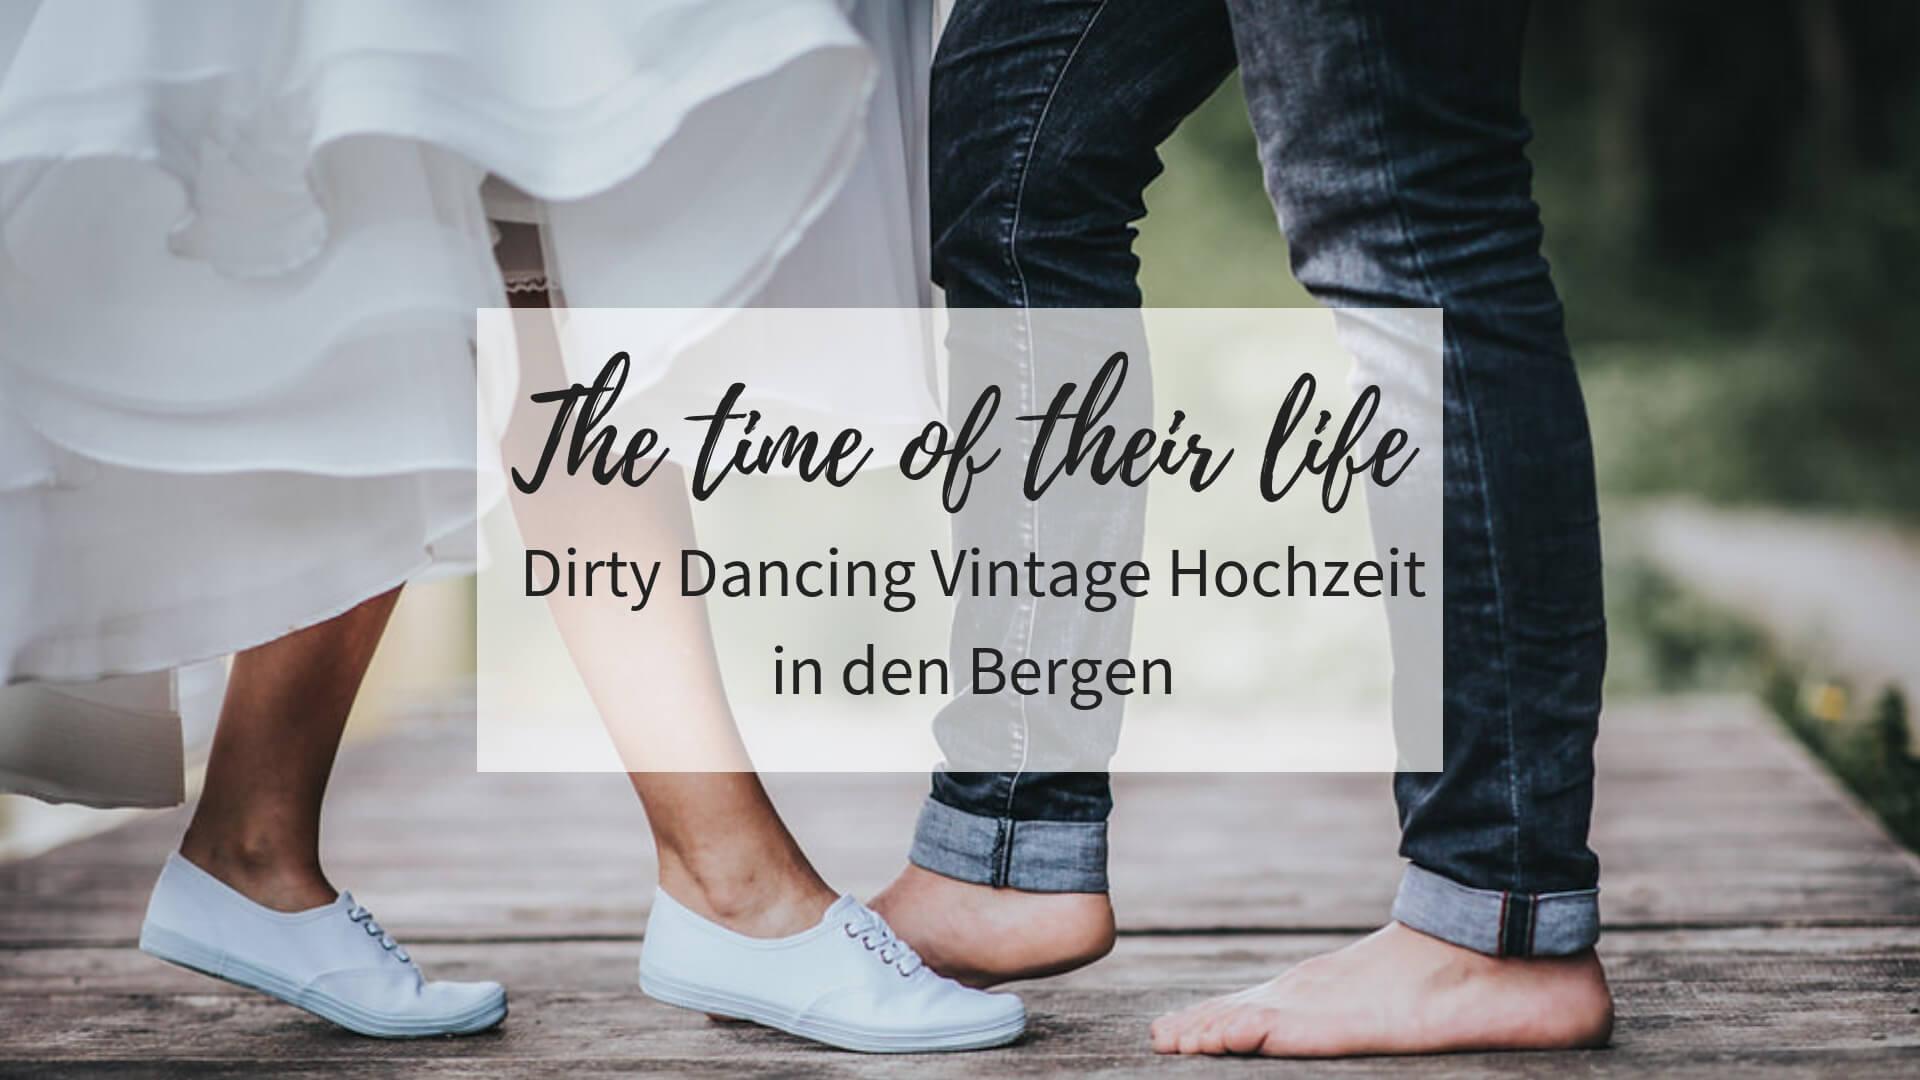 Dirty Dancing Vintage Hochzeit, Hochzeitsmotto, Hochzeit nostalgisch, Hochzeit Dirty Dancing, Vintage Hochzeit